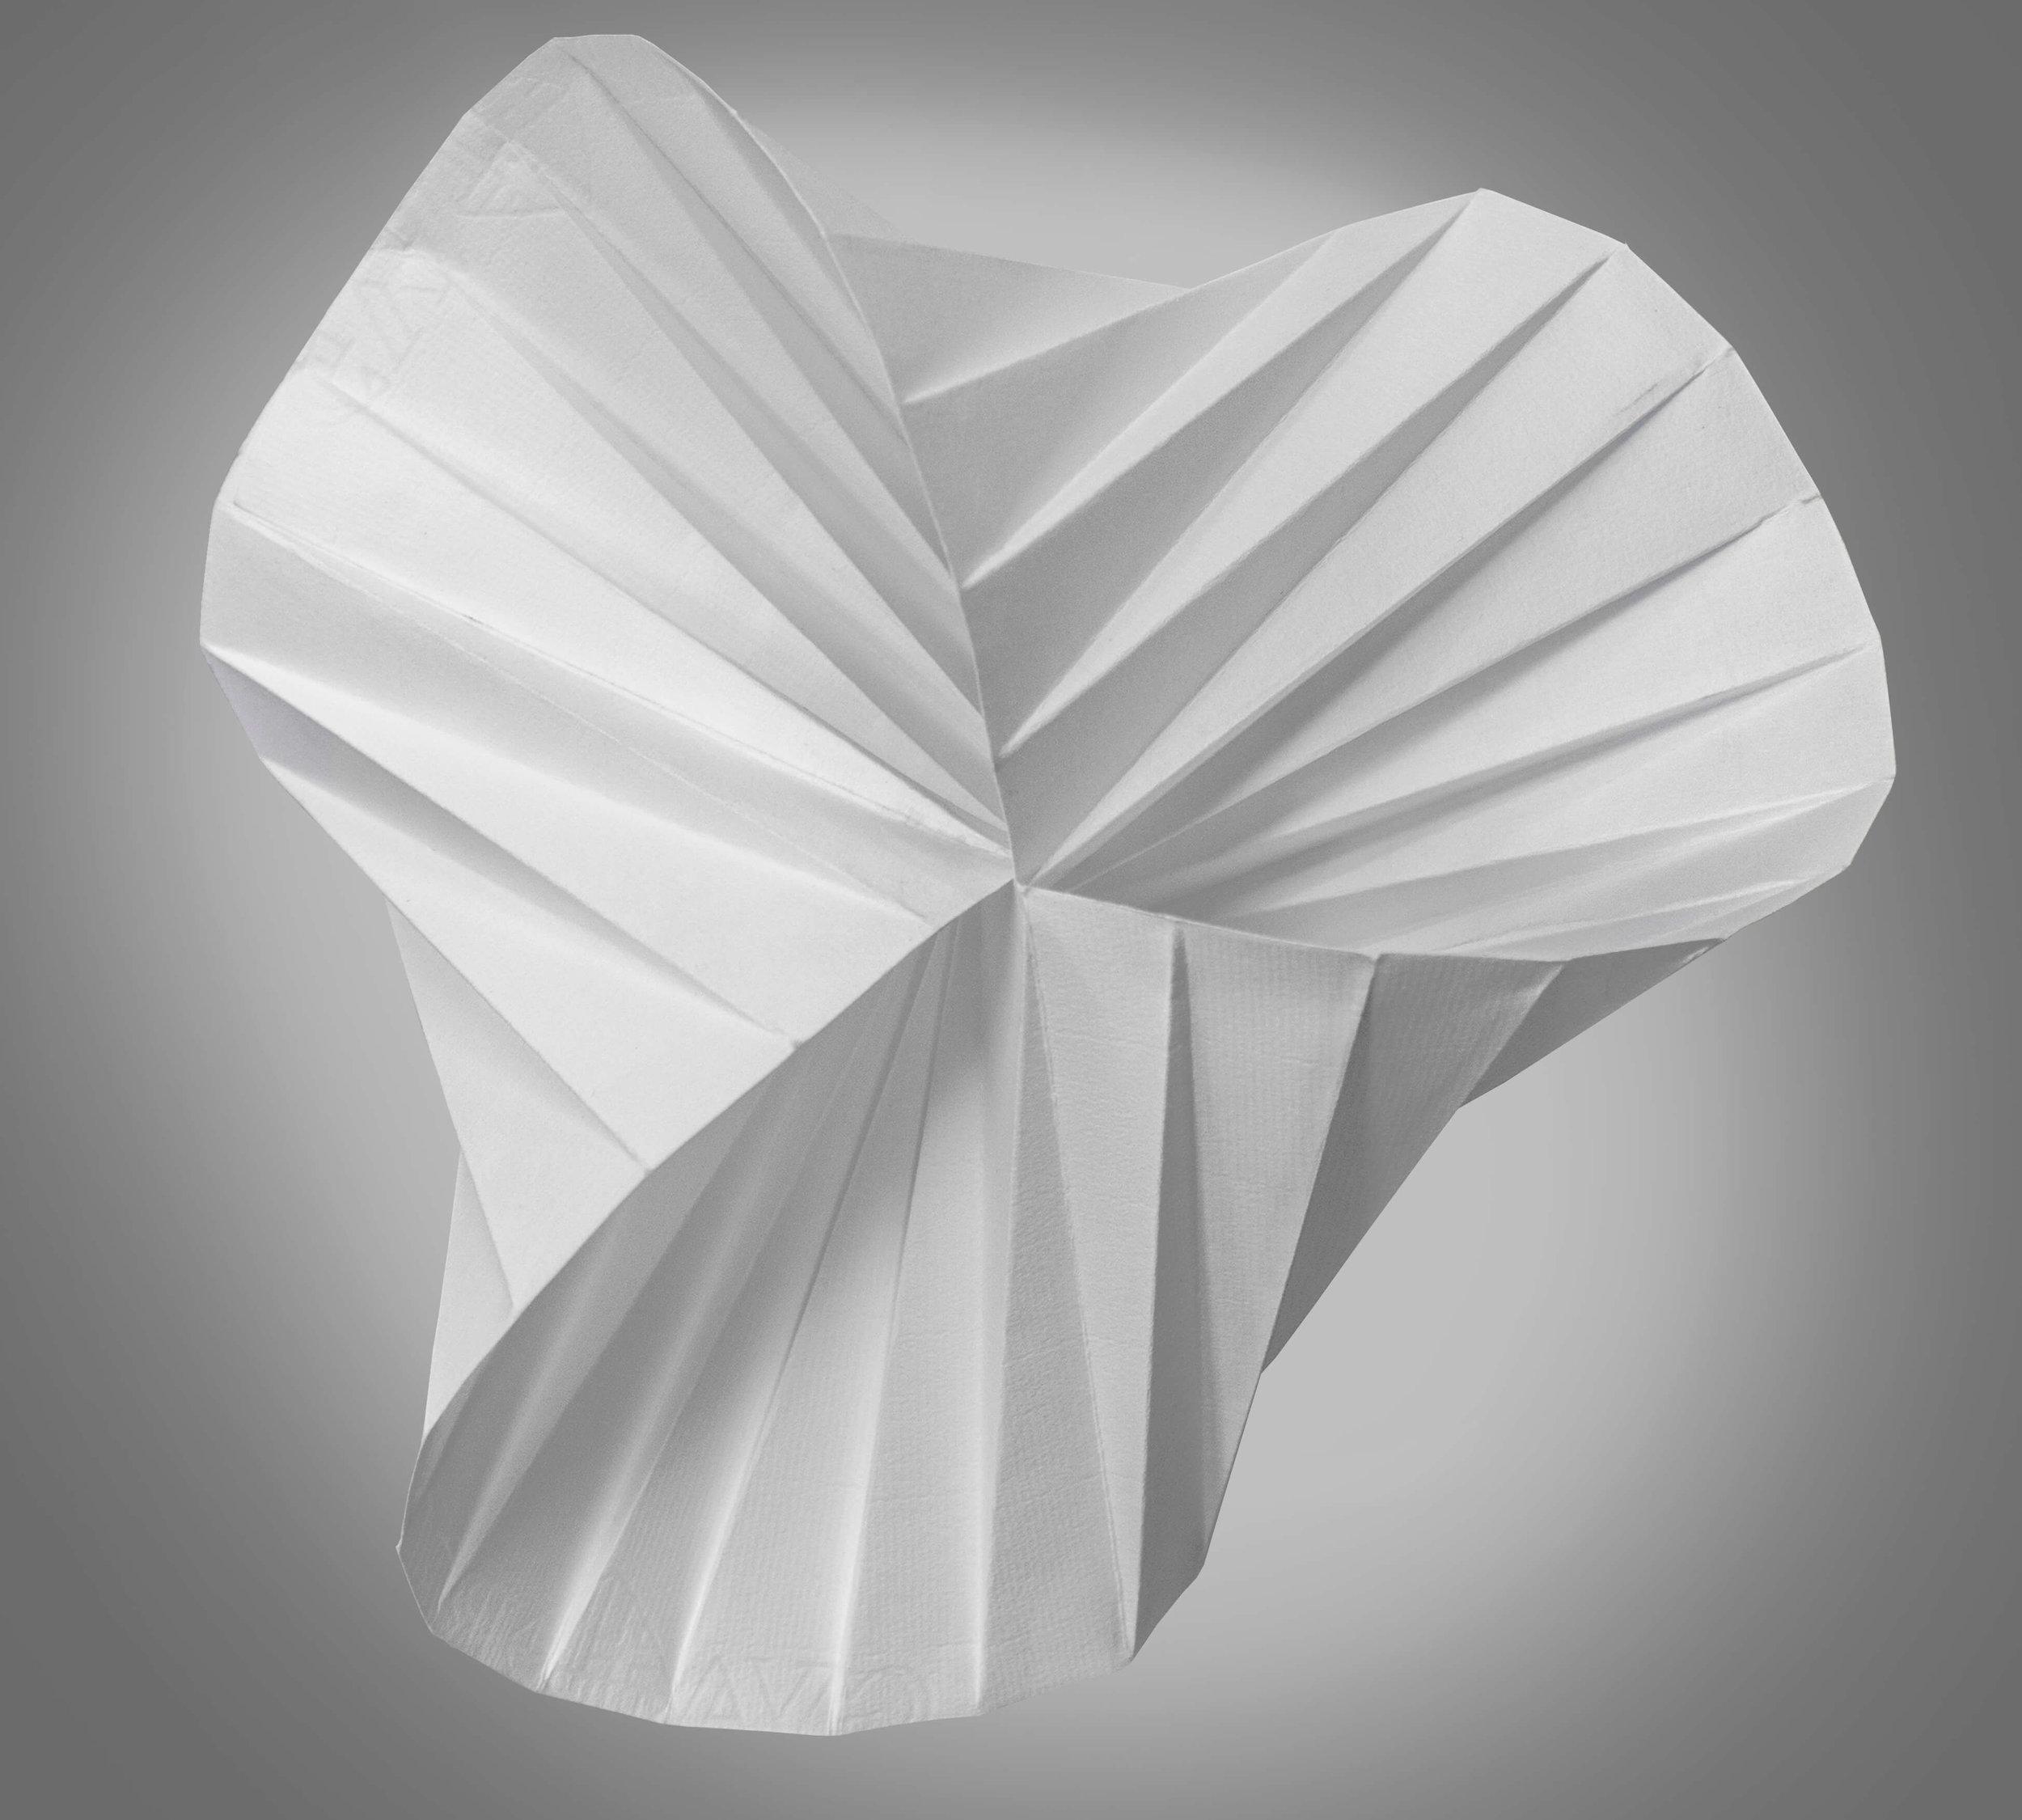 arquitectura-do-papel-curso-dario-zeruto1.jpg